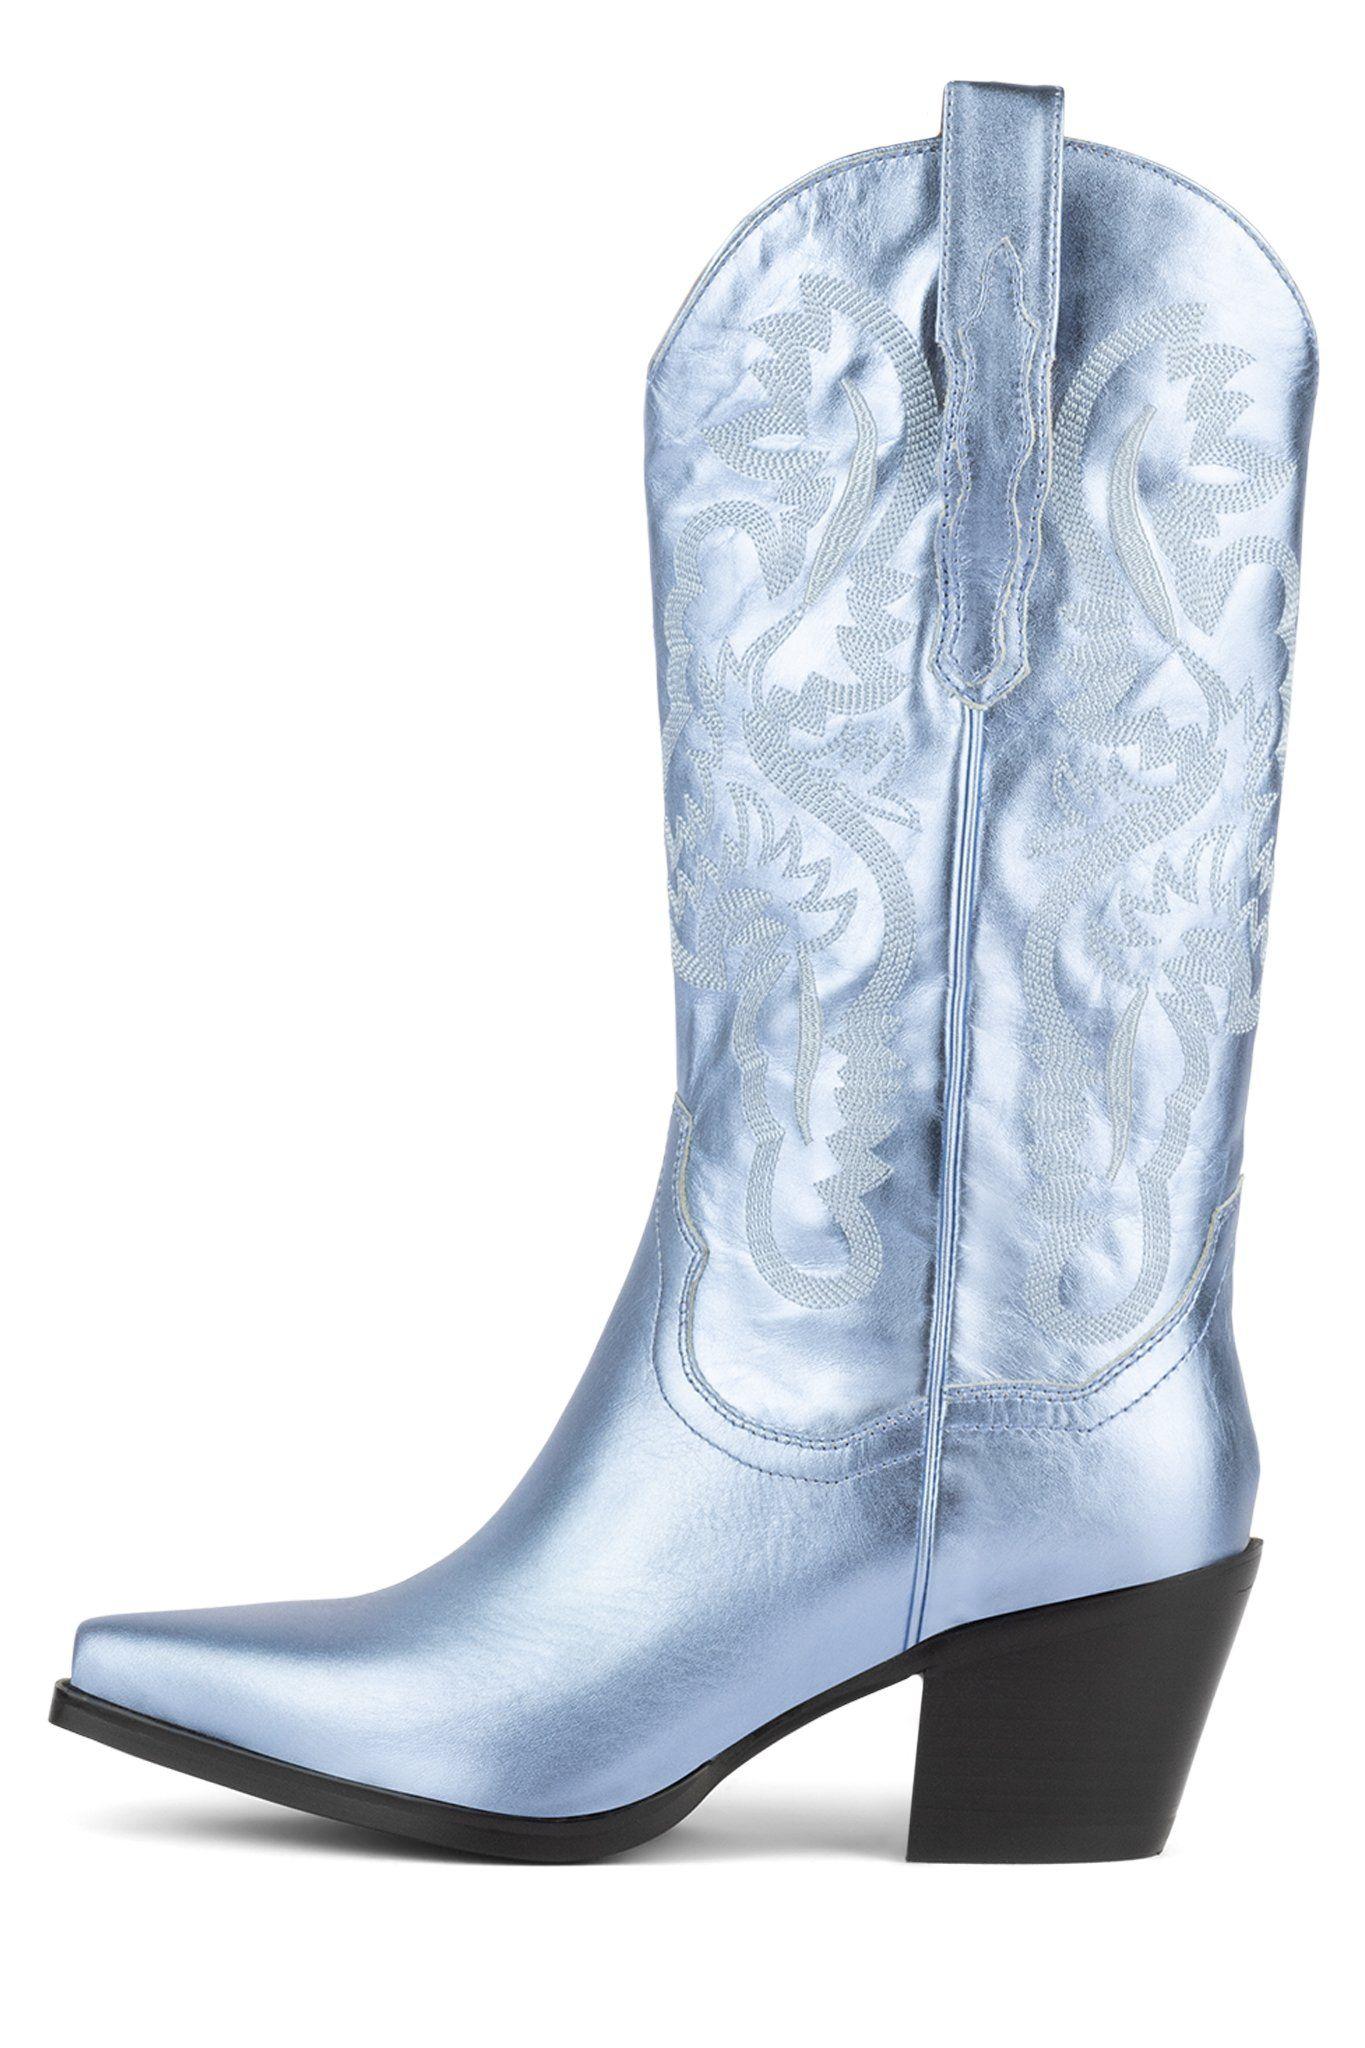 Dagget Boots Platform Sandals Heels Mid Calf Boots